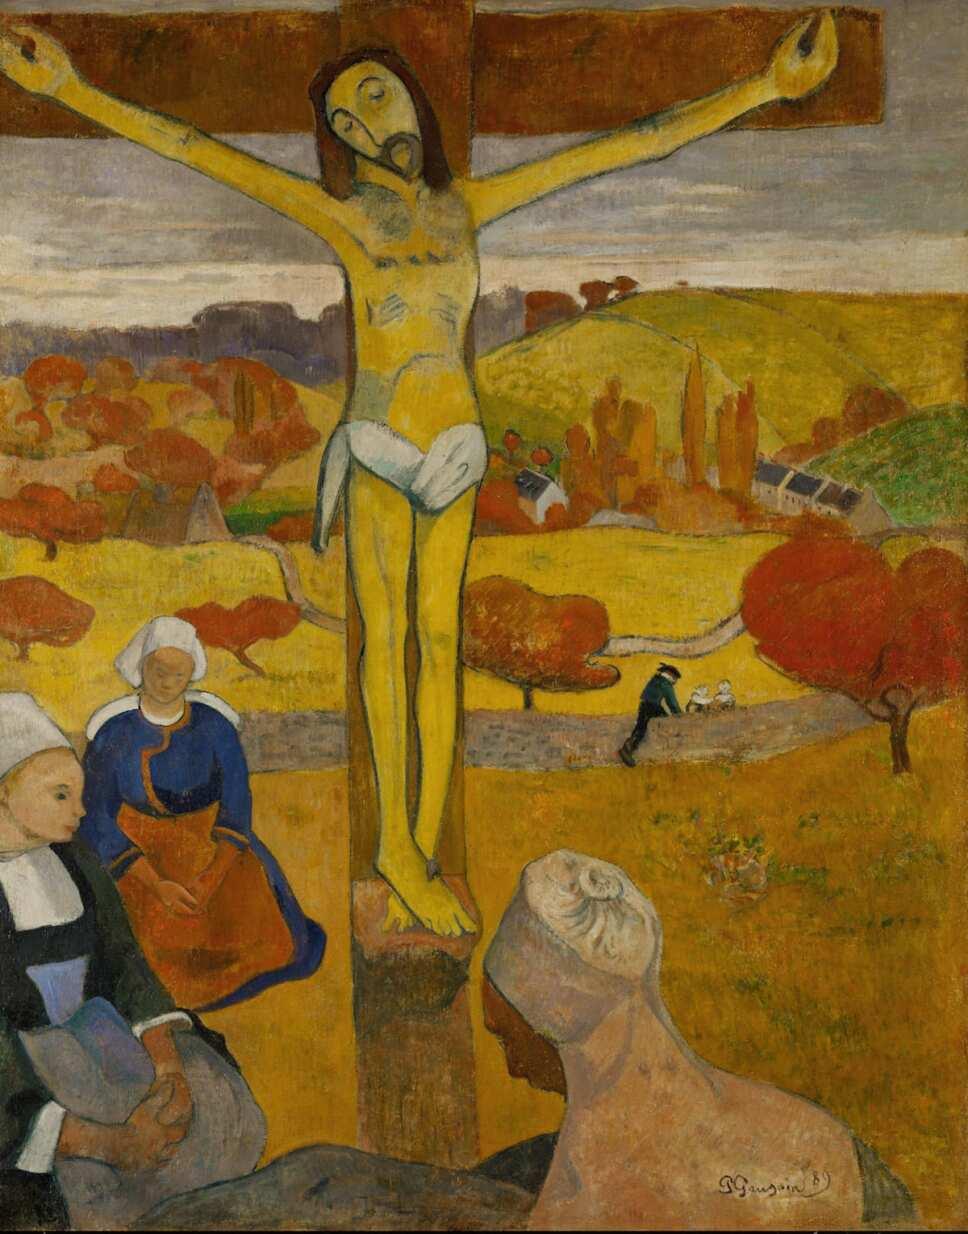 obras-de-paul-gauguin-1889-el-cristo-amarillo-albright-knox-art-gallery.jpg